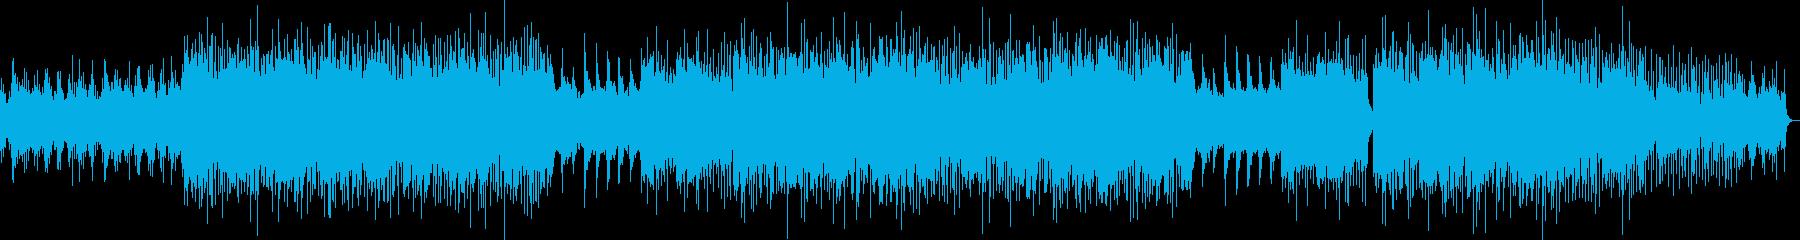 アコギ伴奏が心地よいポストロックの再生済みの波形